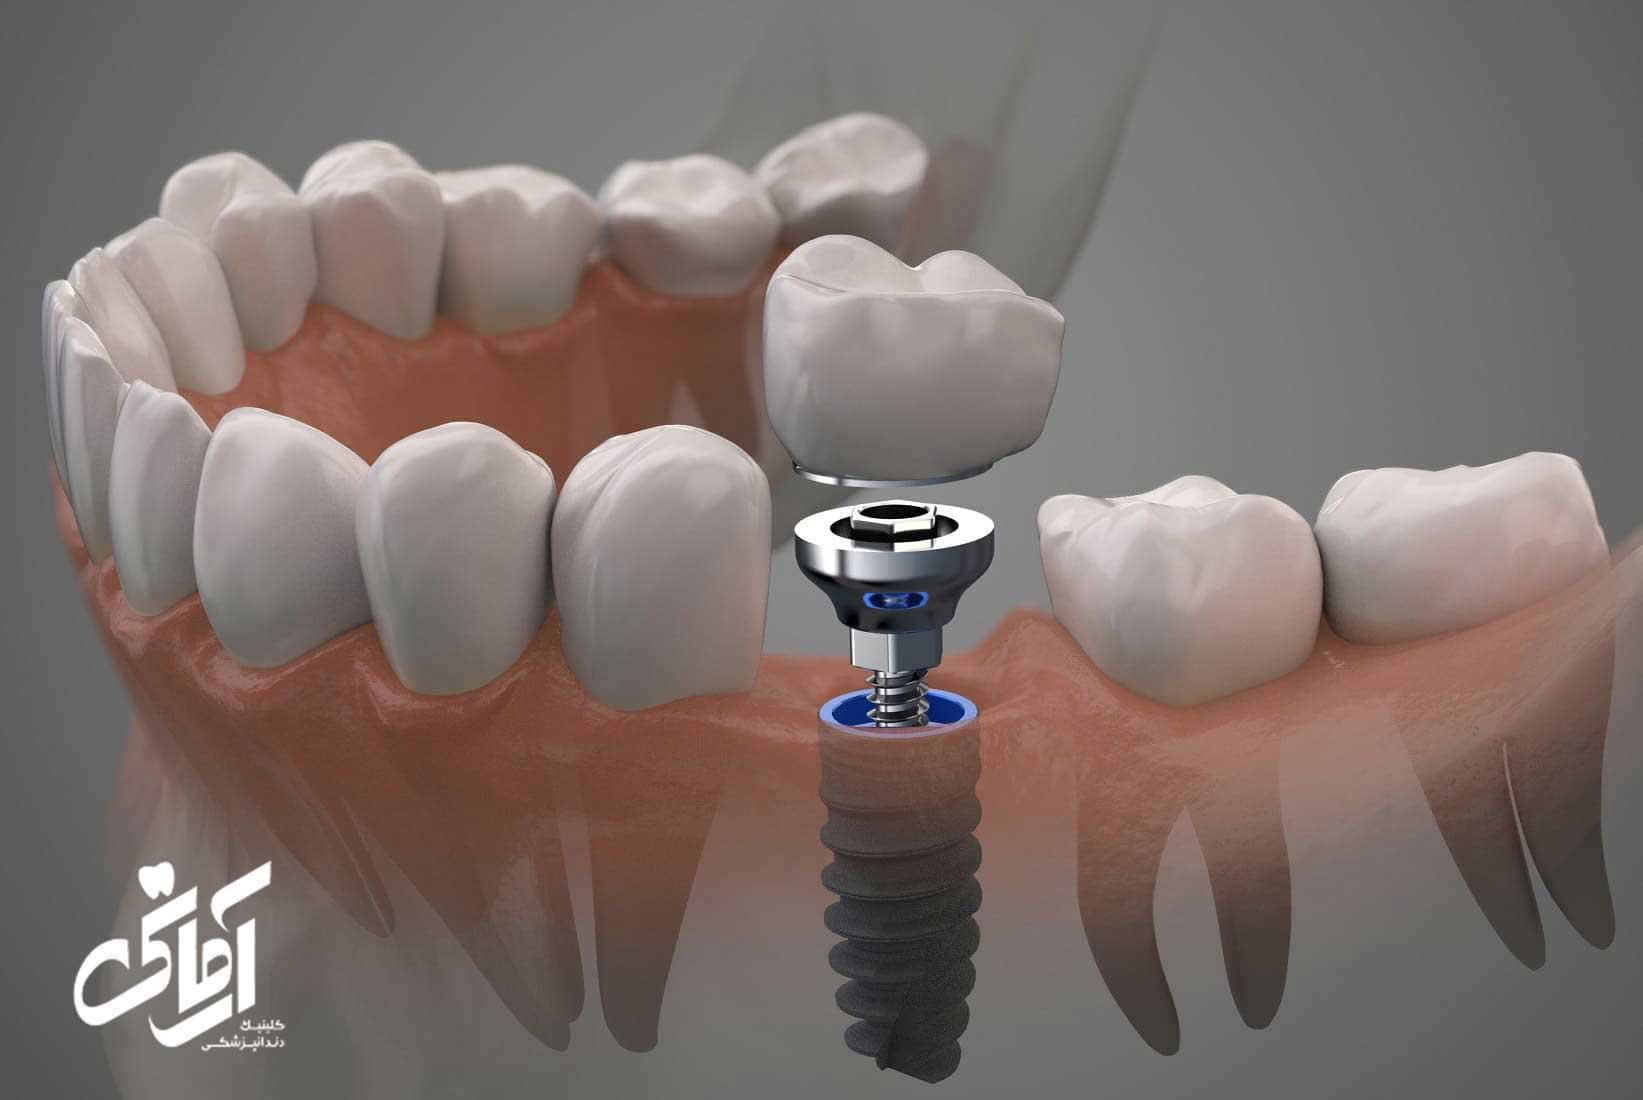 درد کاشت دندان و کاشت ایمپلنت